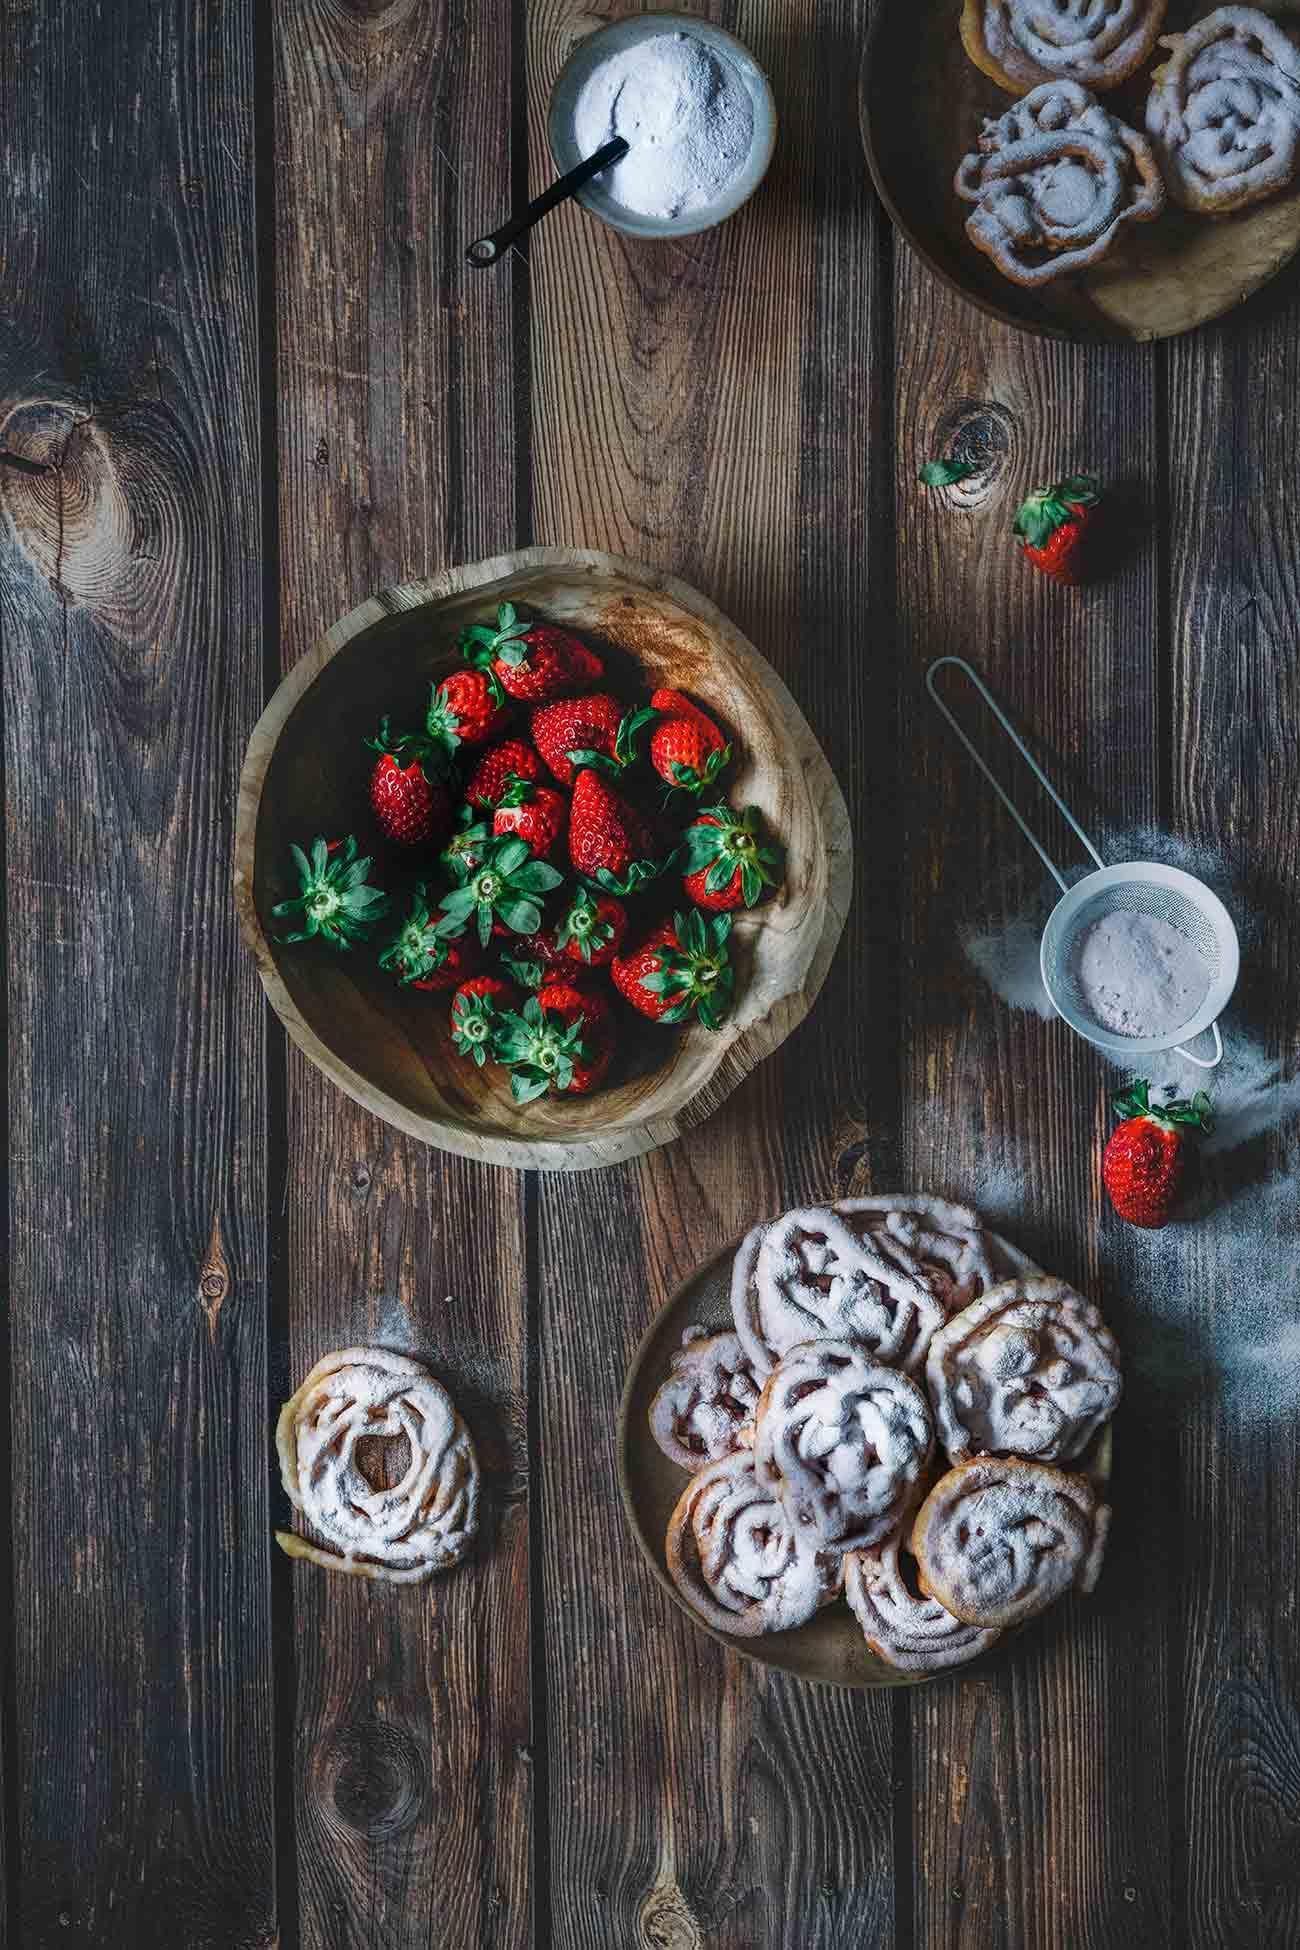 Ich erinnere mich noch genau, als ich Nadiya Hussain auf Netflix zuschaute und die Worte Erdbeer-Milkshhake, frittiert und lecker hörte. Wie ferngesteuert schrieb ich die Zutaten auf, fuhr in den Lebensmittelmarkt und stand wenige Zeit später vor dem Herd.  Diese kleinen frittierten Gebäckteile sind der Knaller und schmecken wie ein Erdbeer-Milchshake.